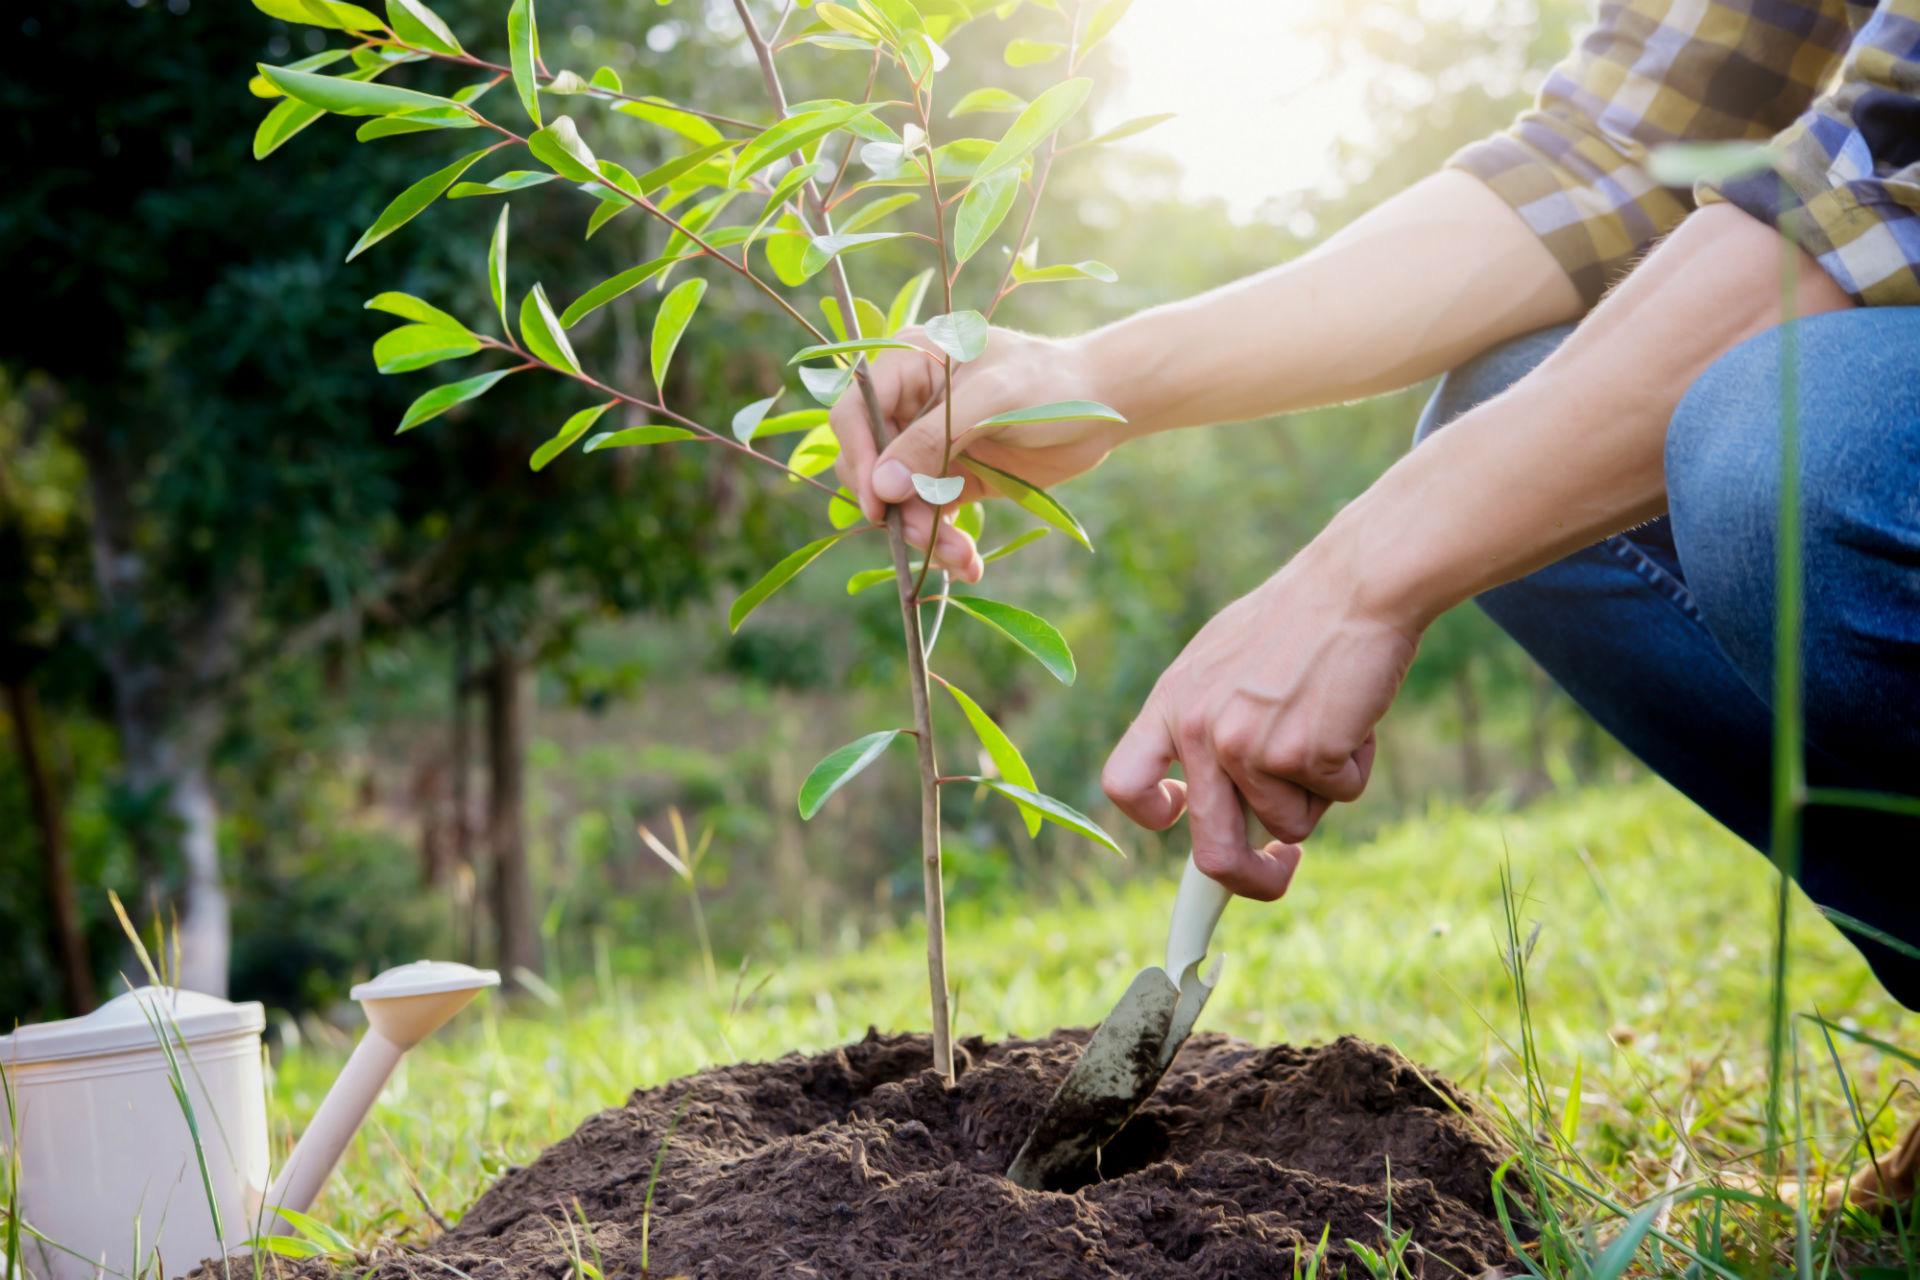 Экокоманда кадастра высадила дубы, березы, ясени, ивы, липы, туи, яблони, ели, сосны, рябины, сирени, спиреи